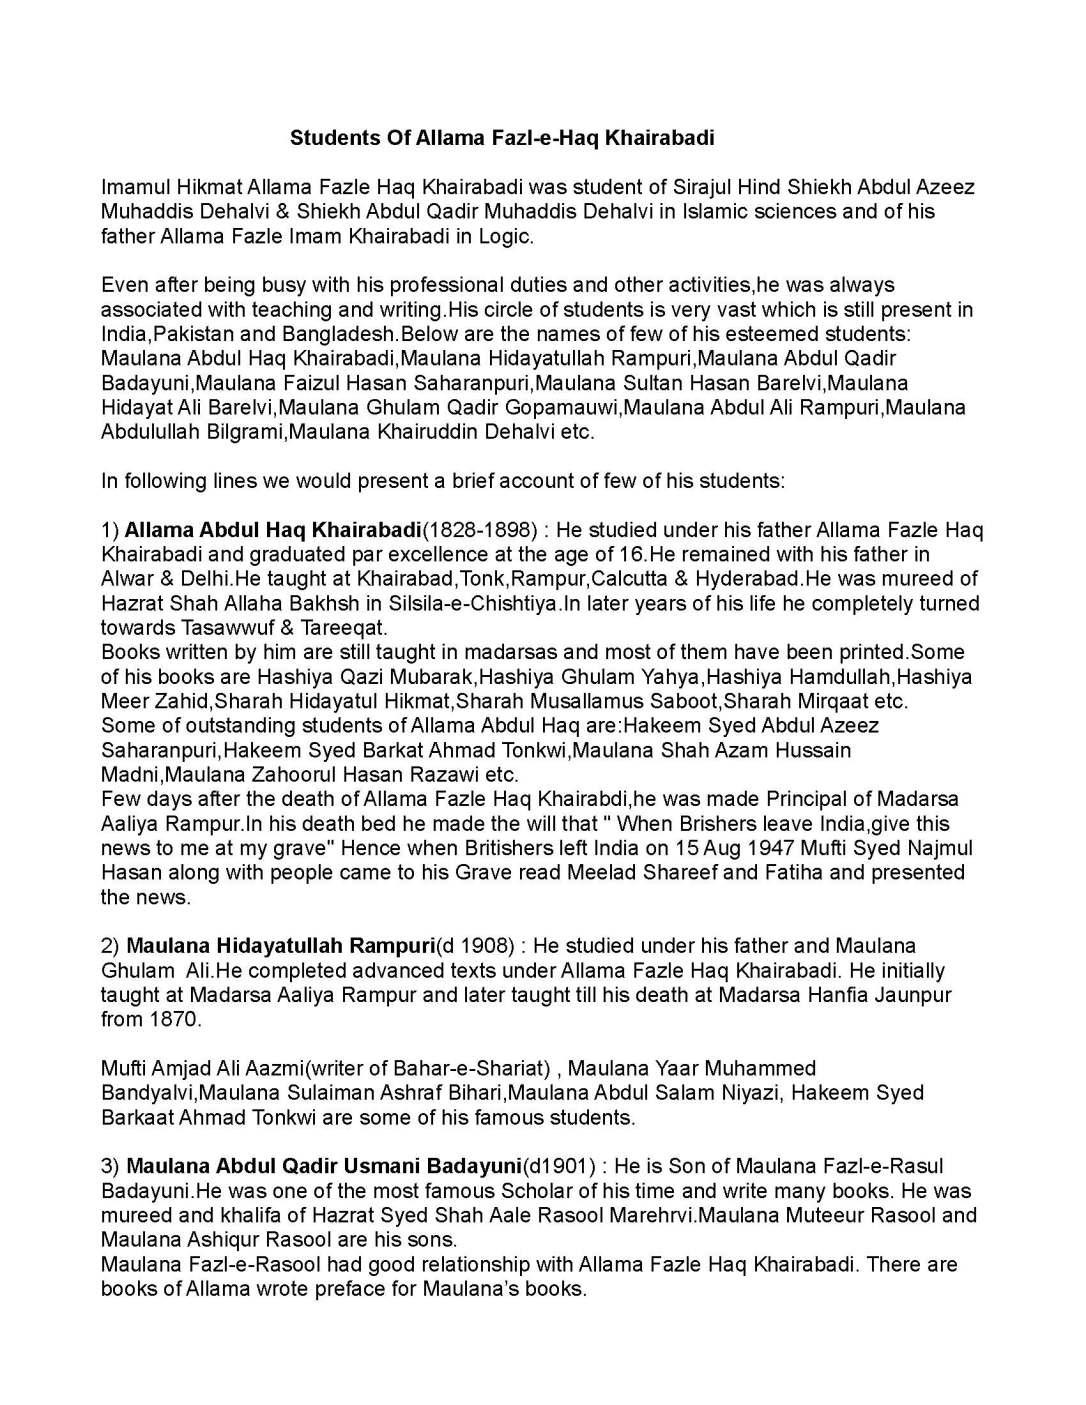 Allamah Fazl-e-Haq Khairabadi_Page_8